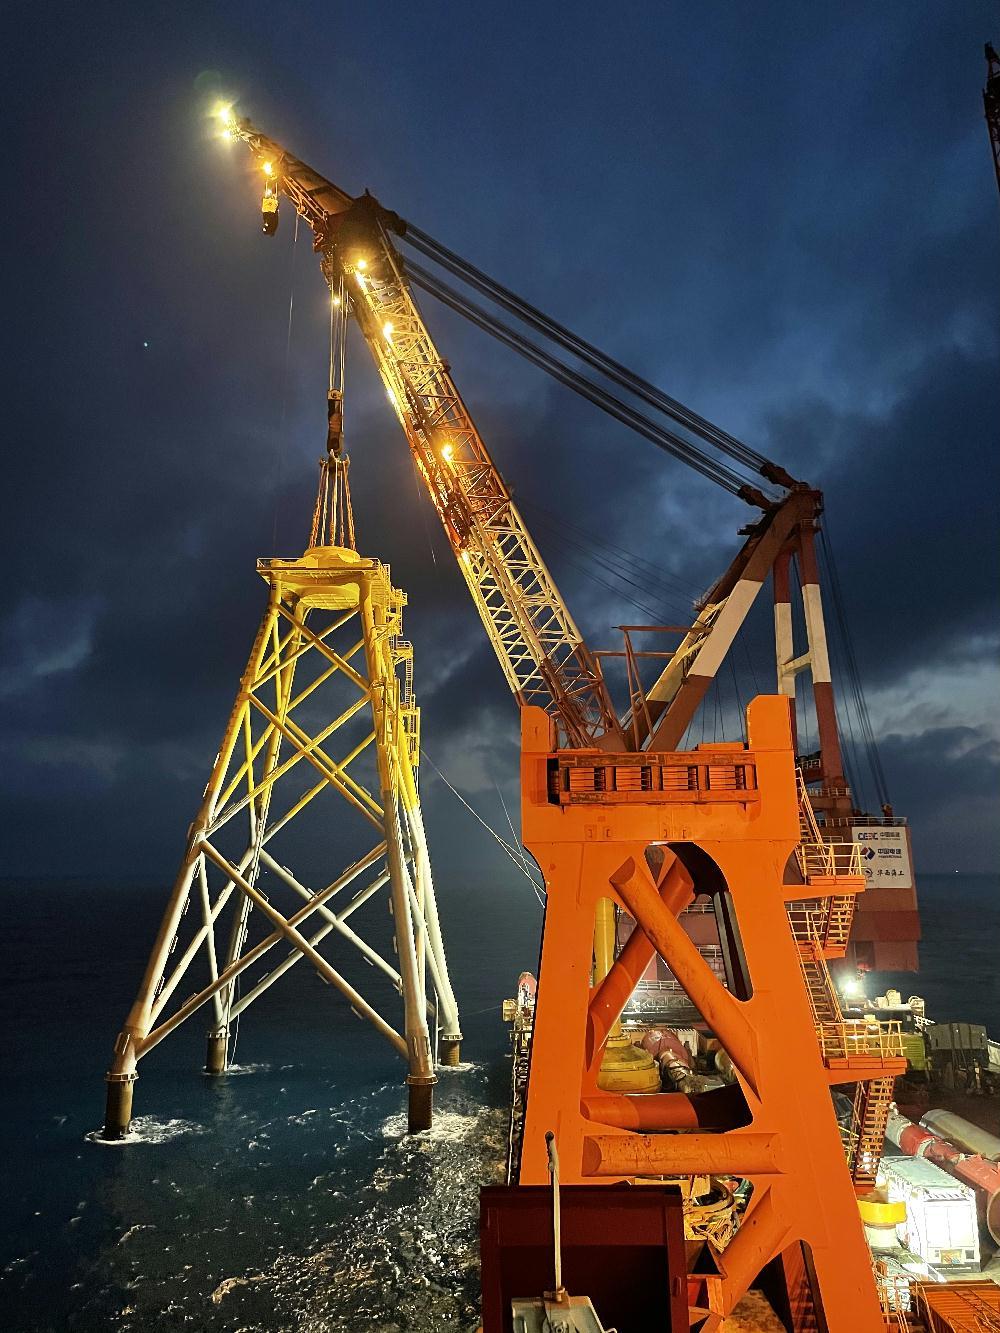 国内首个深水区海上风电项目首台风机基础导管架完成吊装